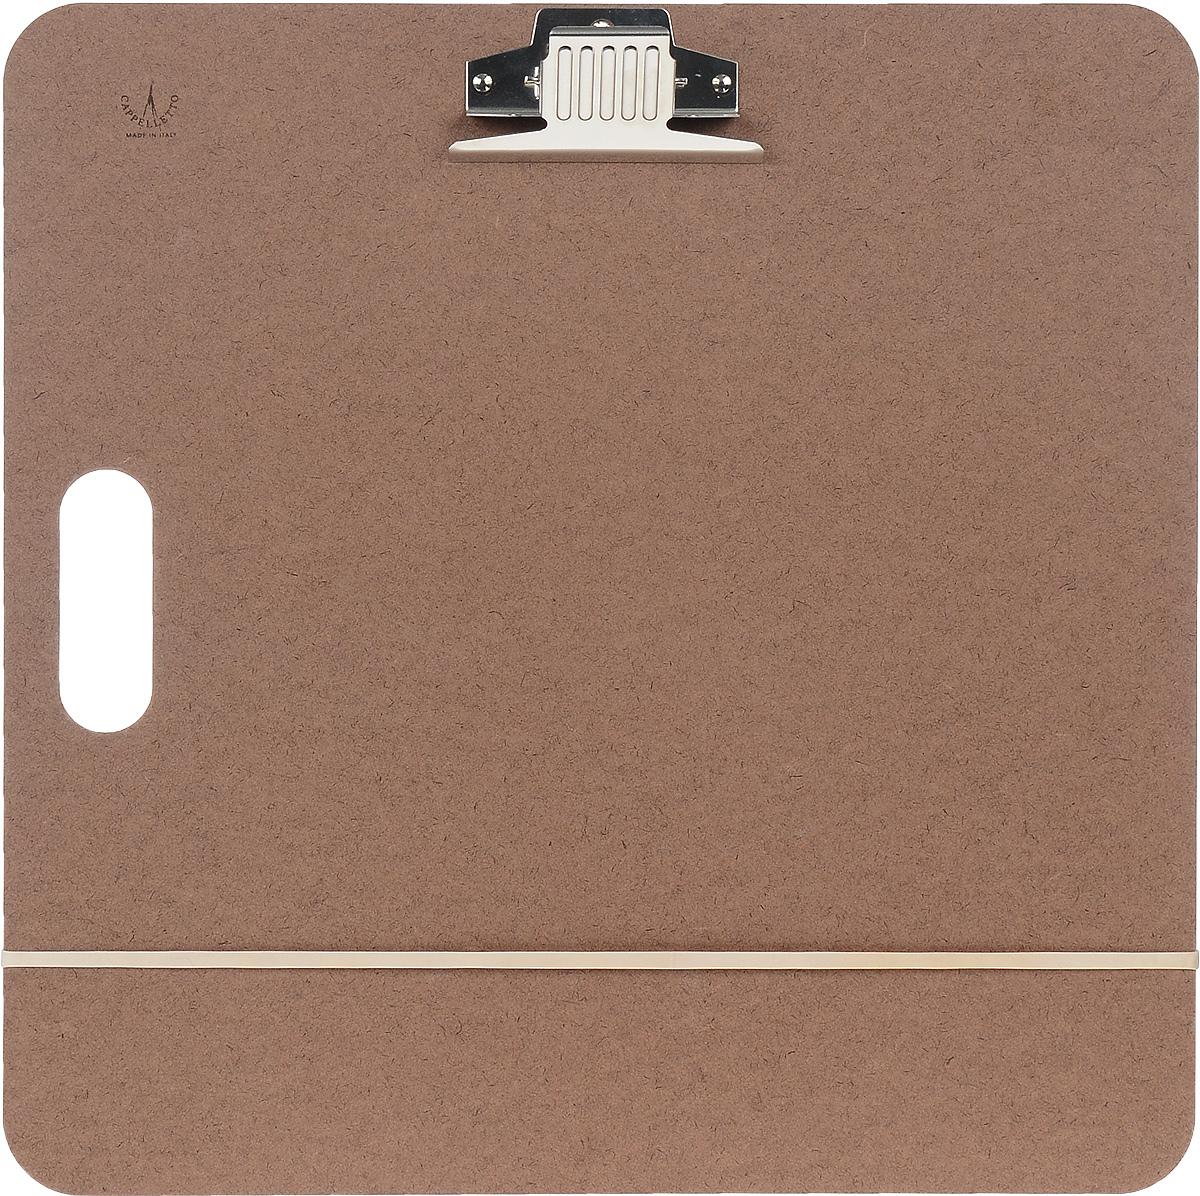 Планшет для живописи Cappelletto, 45 х 45 см. SB-1SB-1Прочный планшет Cappelletto, выполненный из оргалита, служит жесткой основой для работы на природе. В планшете имеется ручка для удобства при переноске в форме сдавленного овала. Для лучшей фиксации листа планшет снабжен металлическим зажимом.